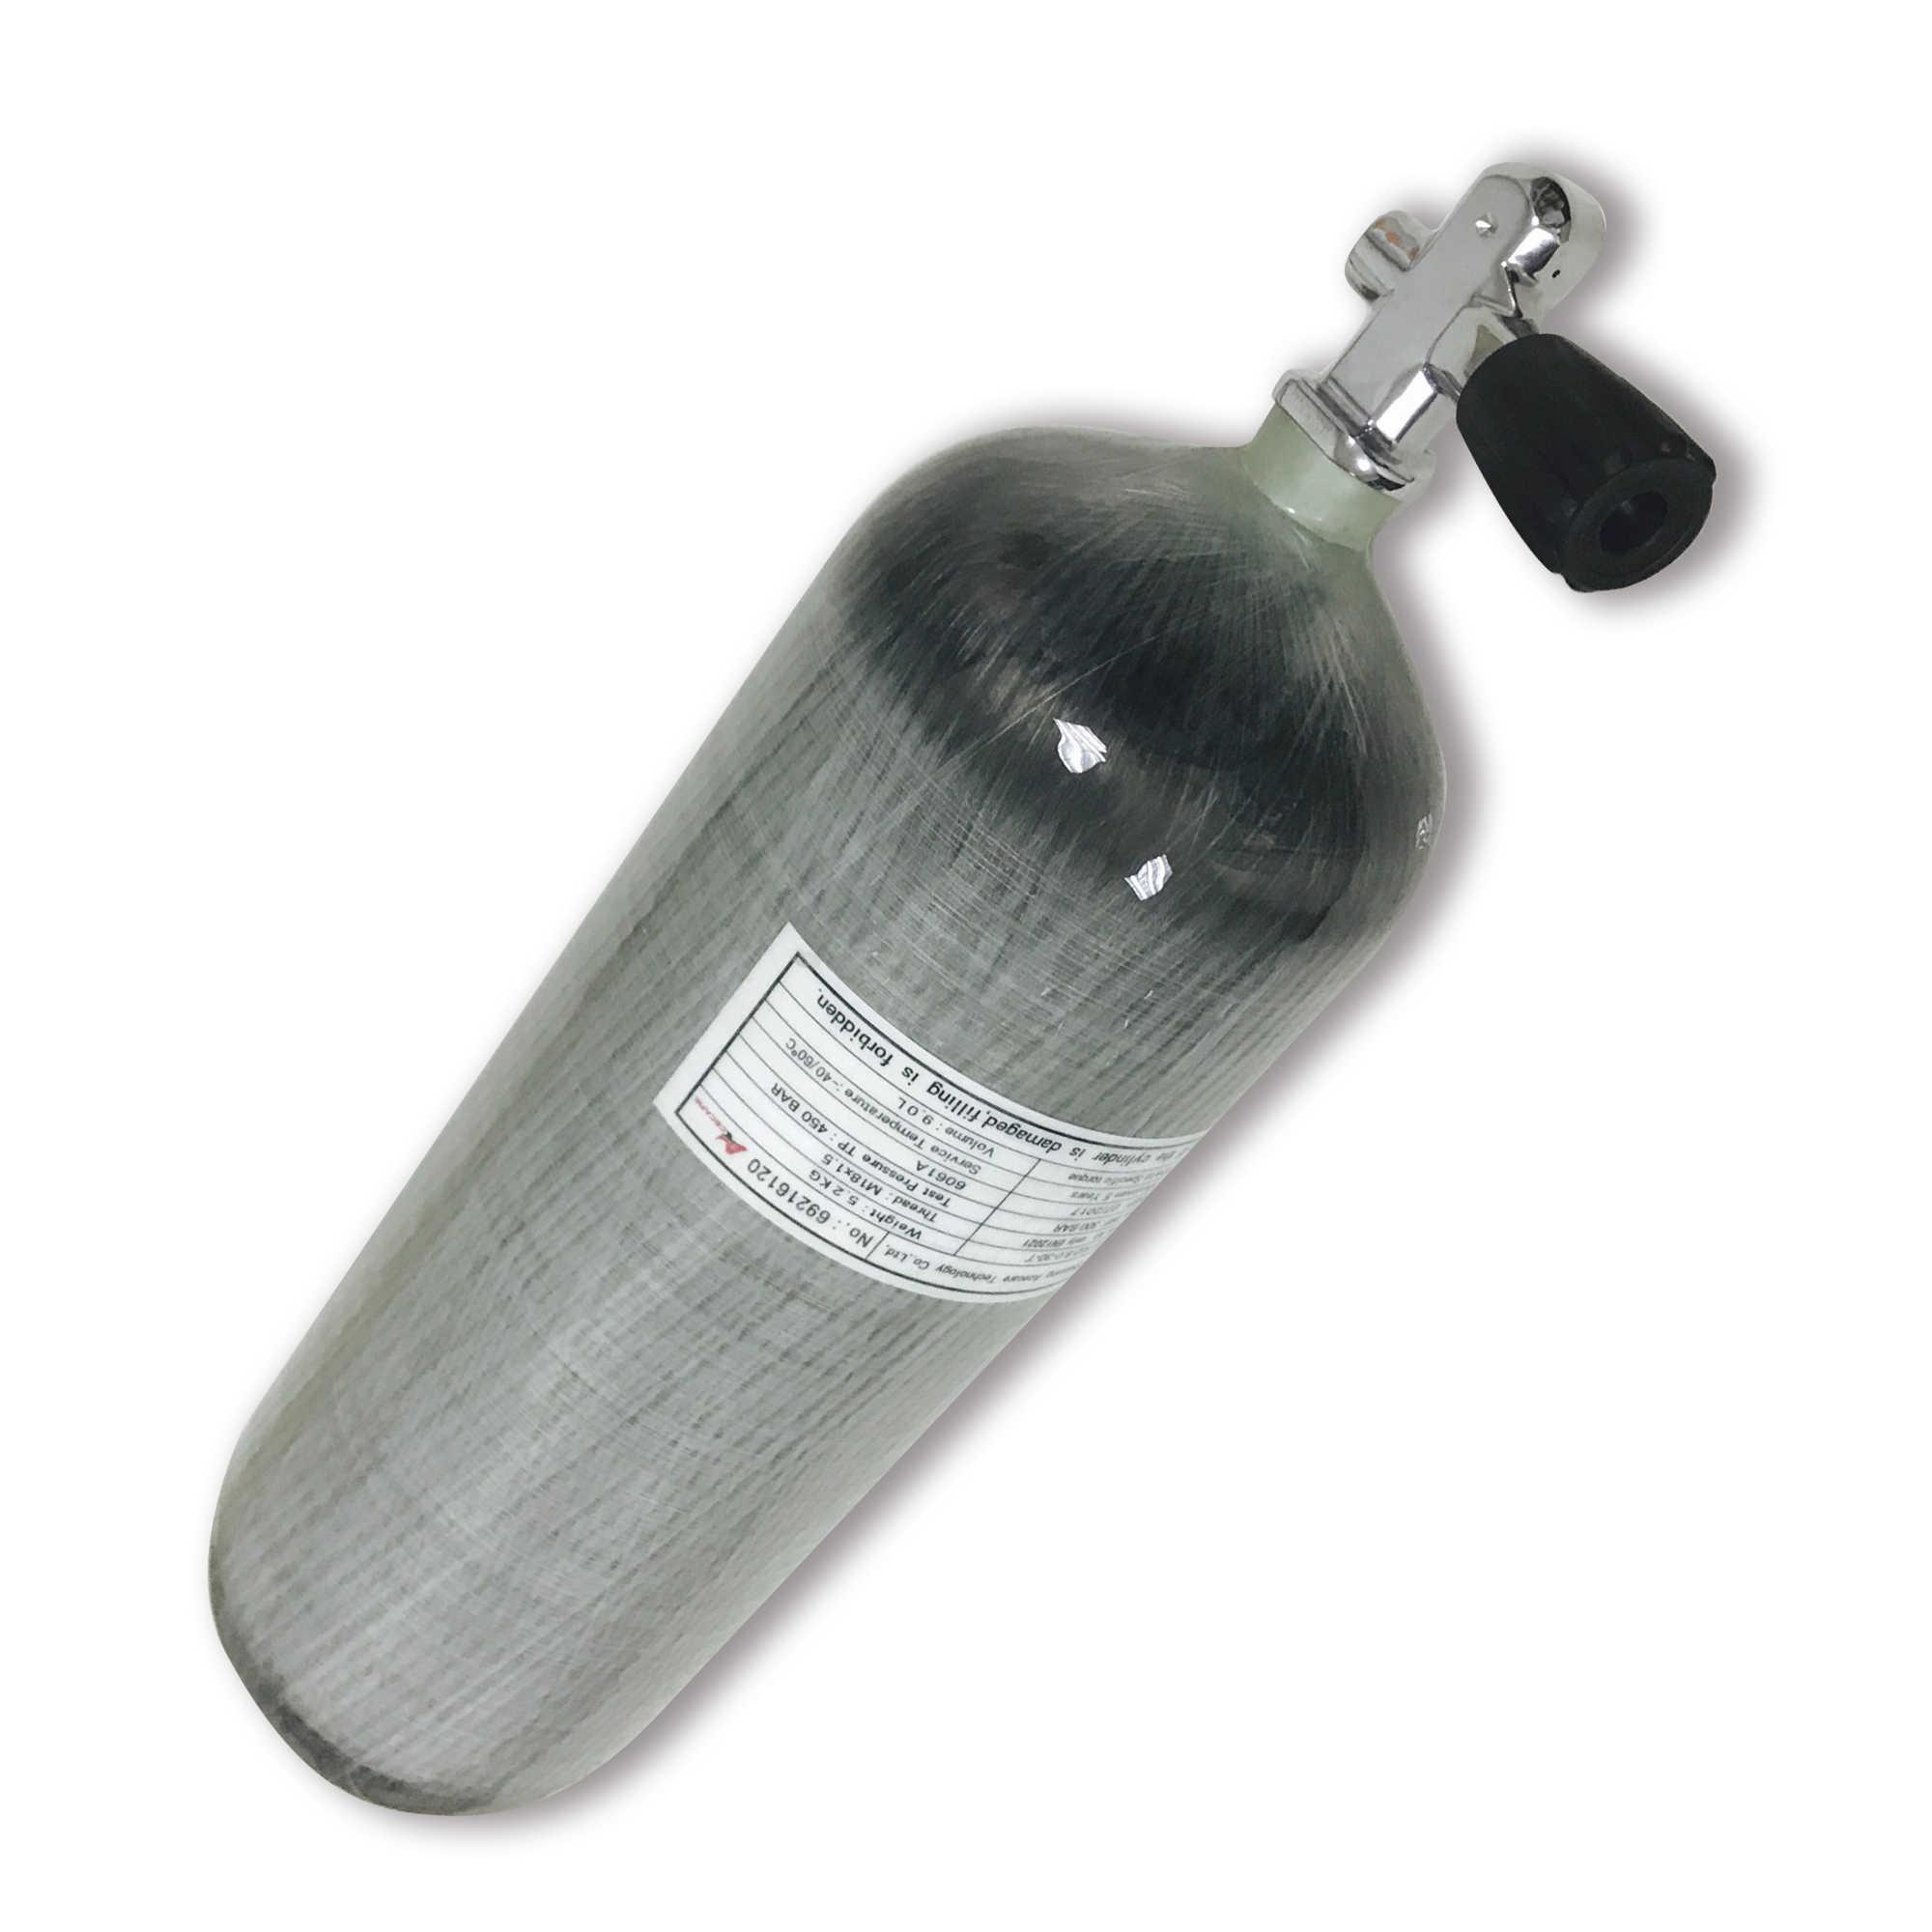 Acecare Tangki Scuba 9L CE HPa Serat Karbon Silinder untuk Menyelam 4500psi Udara Tangki PCP Silinder PCP Valve M18 * 1.5